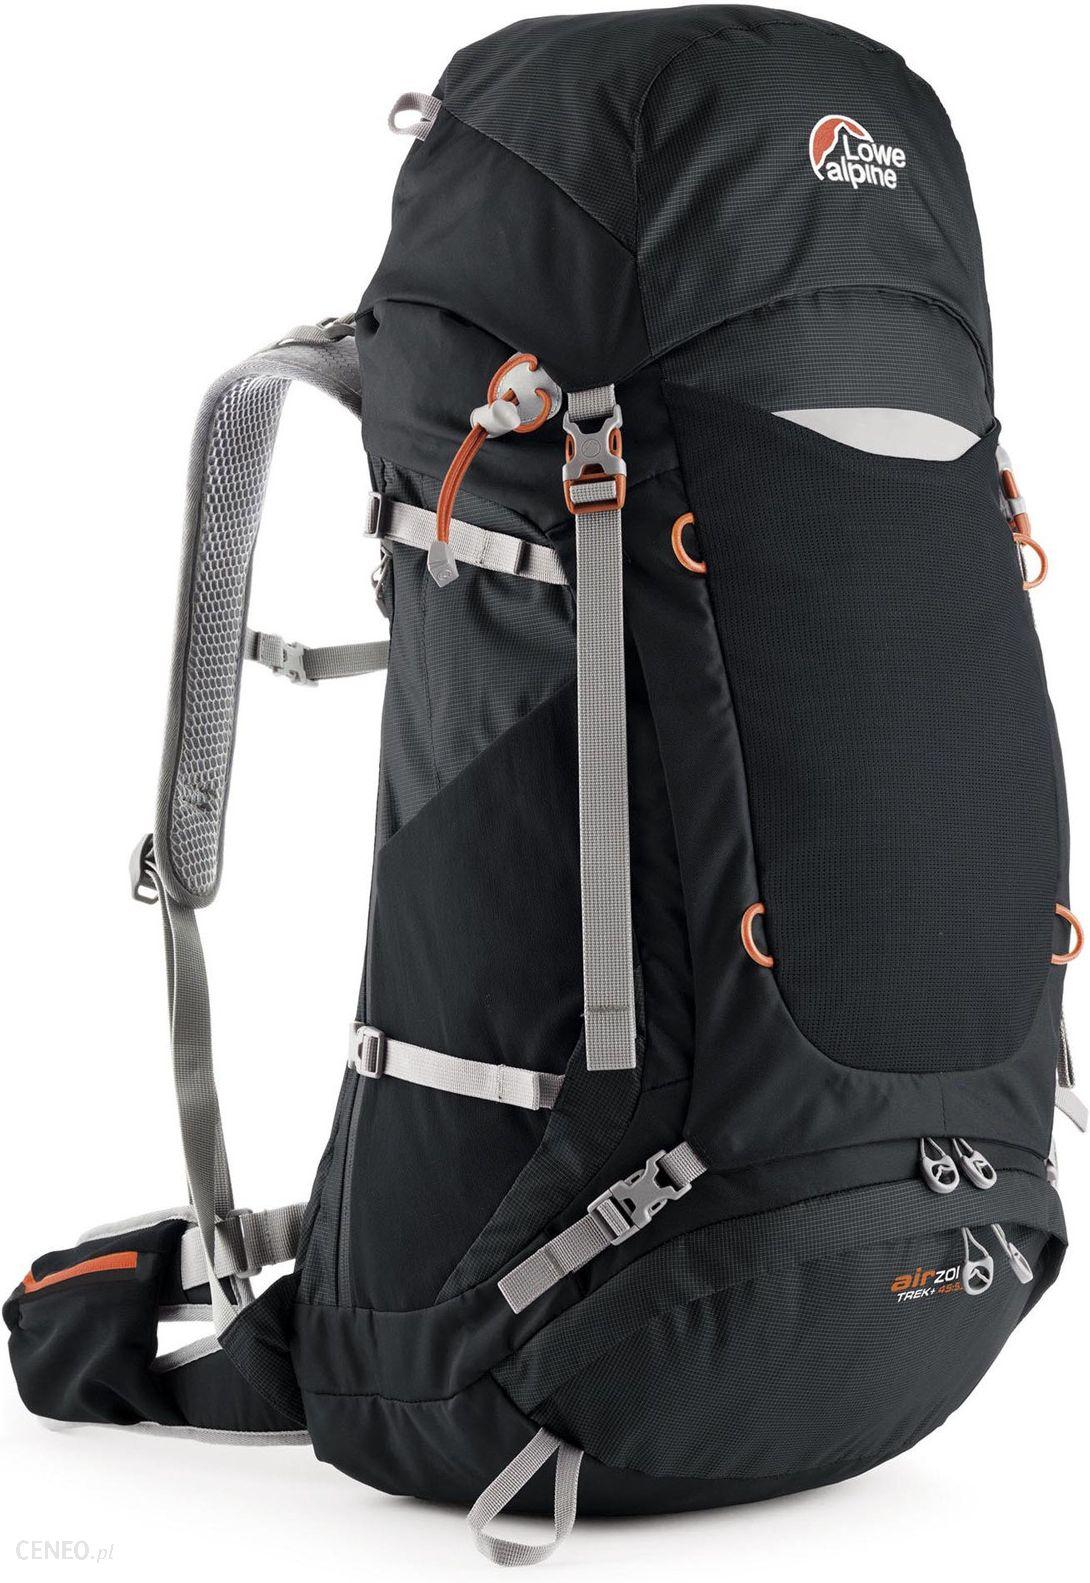 82e038624c412 Plecak Lowe Alpine Airzone Trek + 45 55 - Ceny i opinie - Ceneo.pl